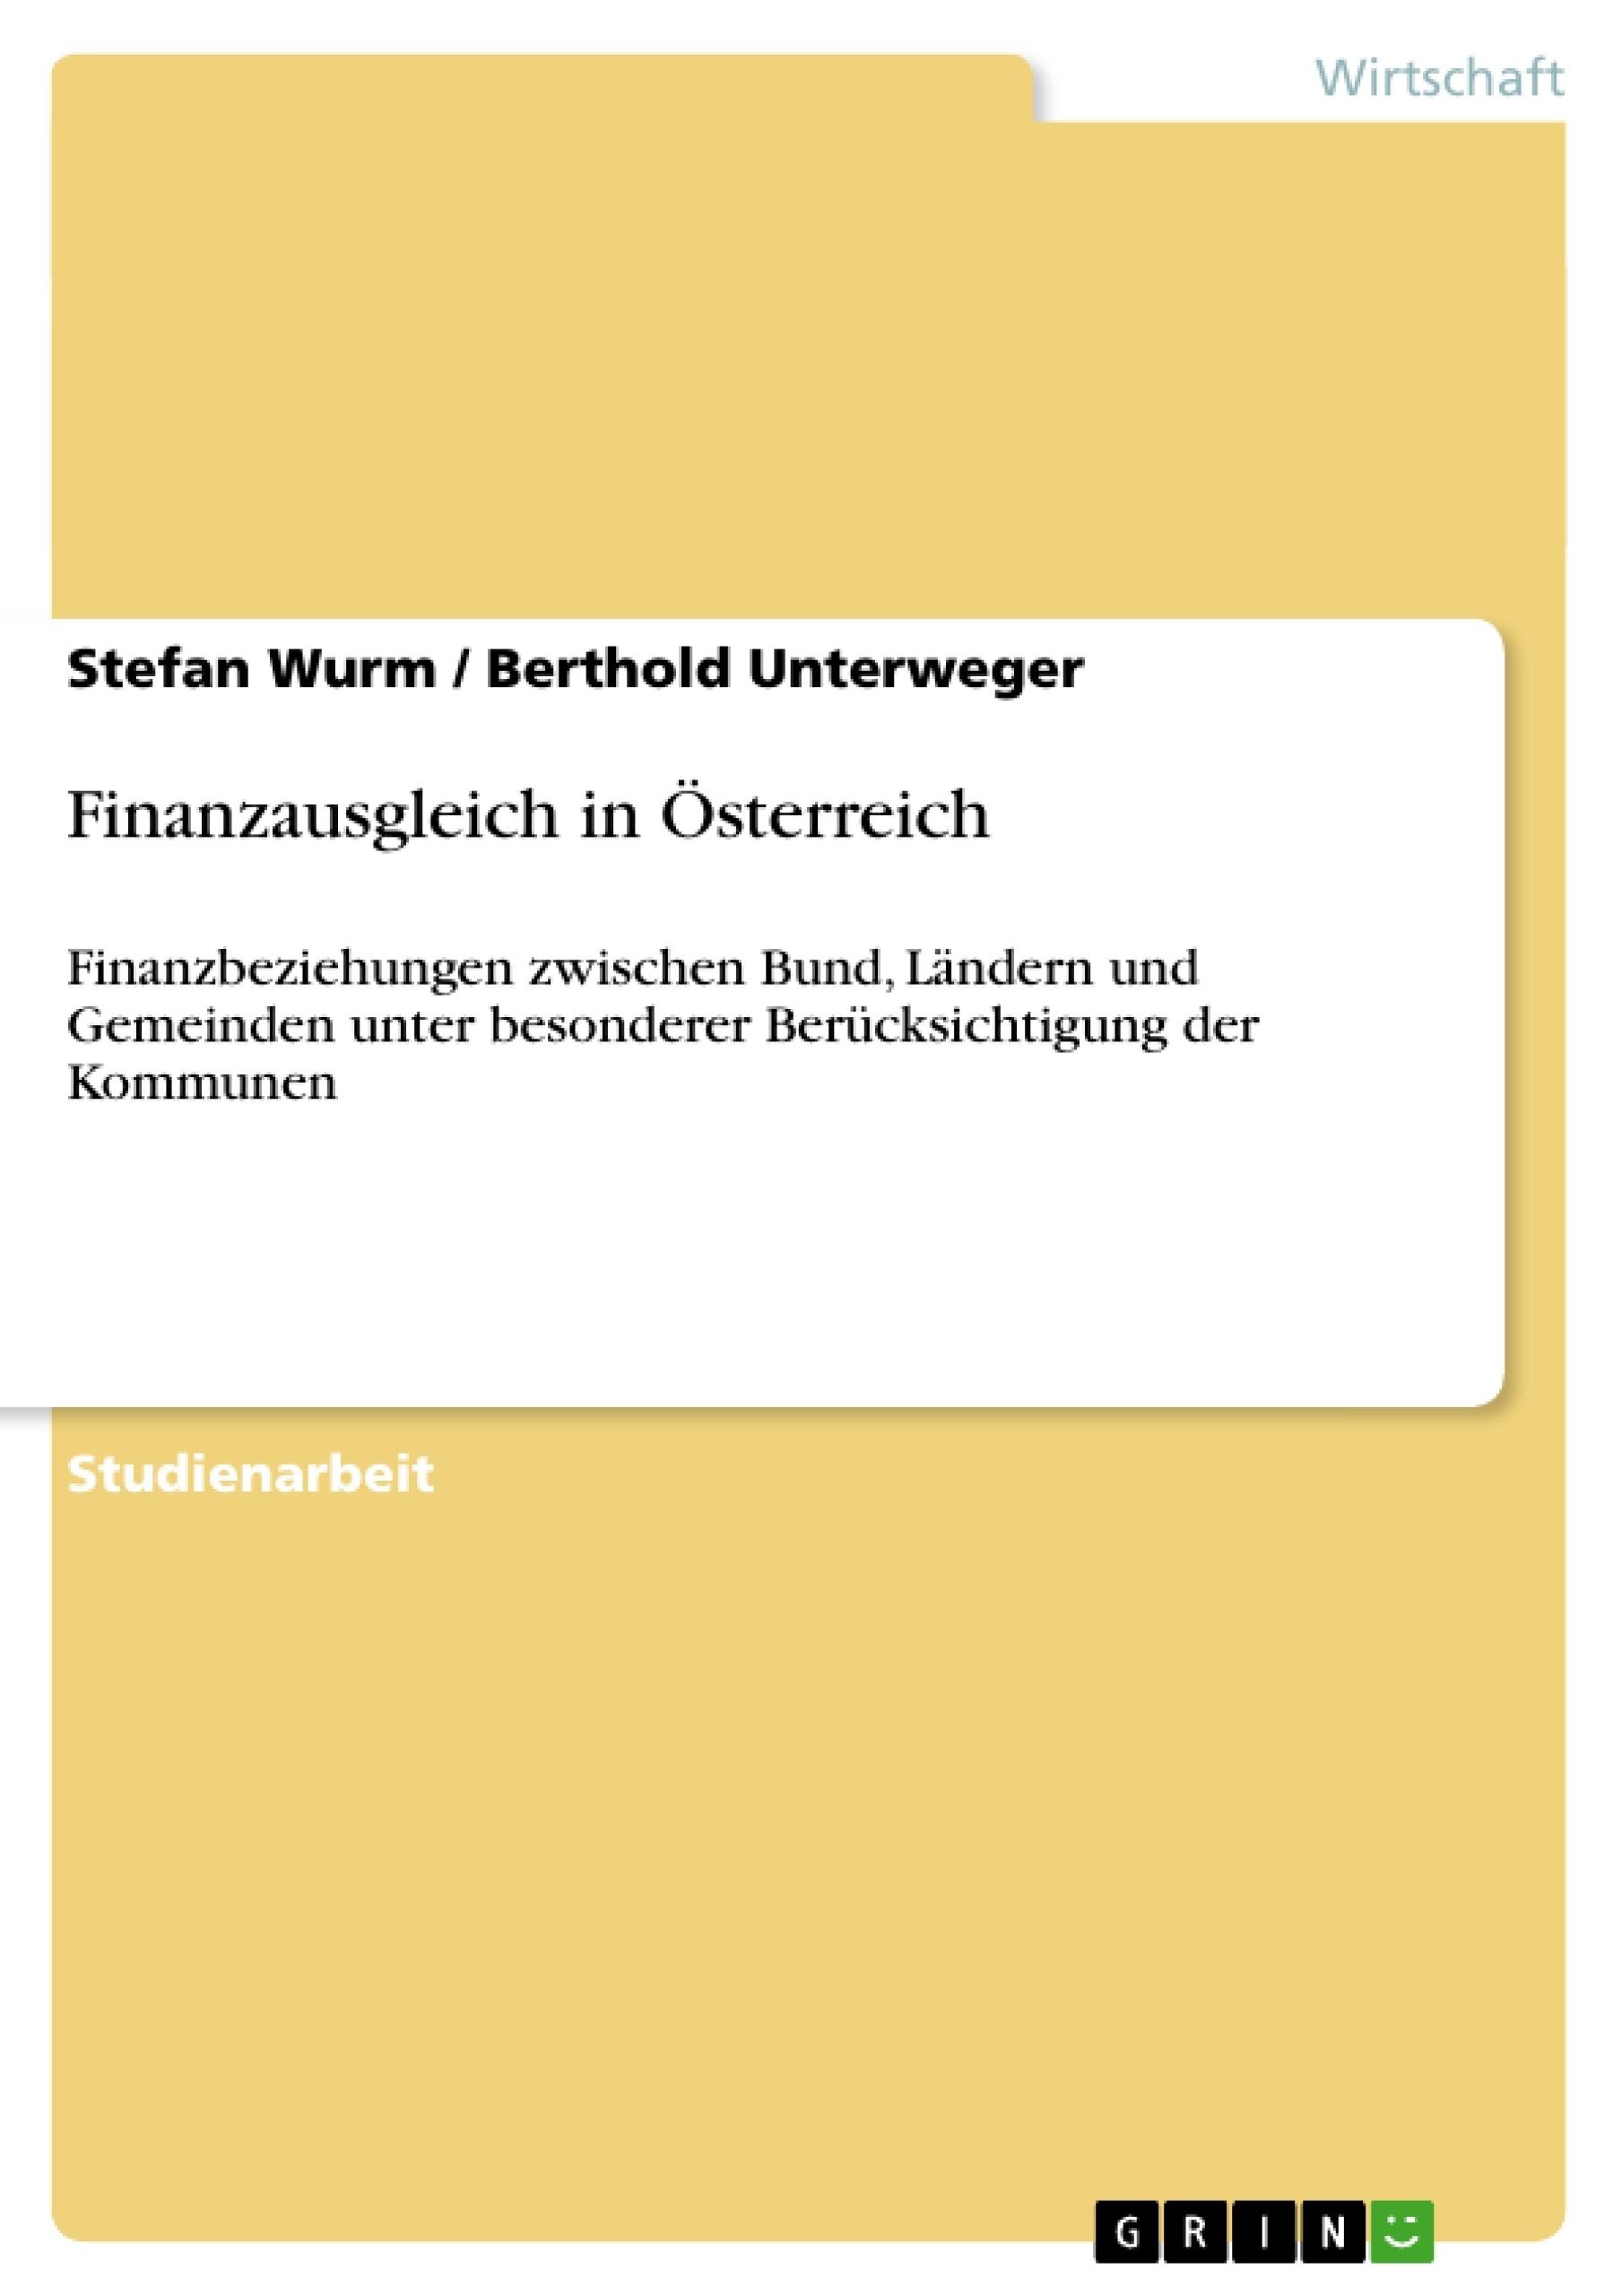 Titel: Finanzausgleich in Österreich